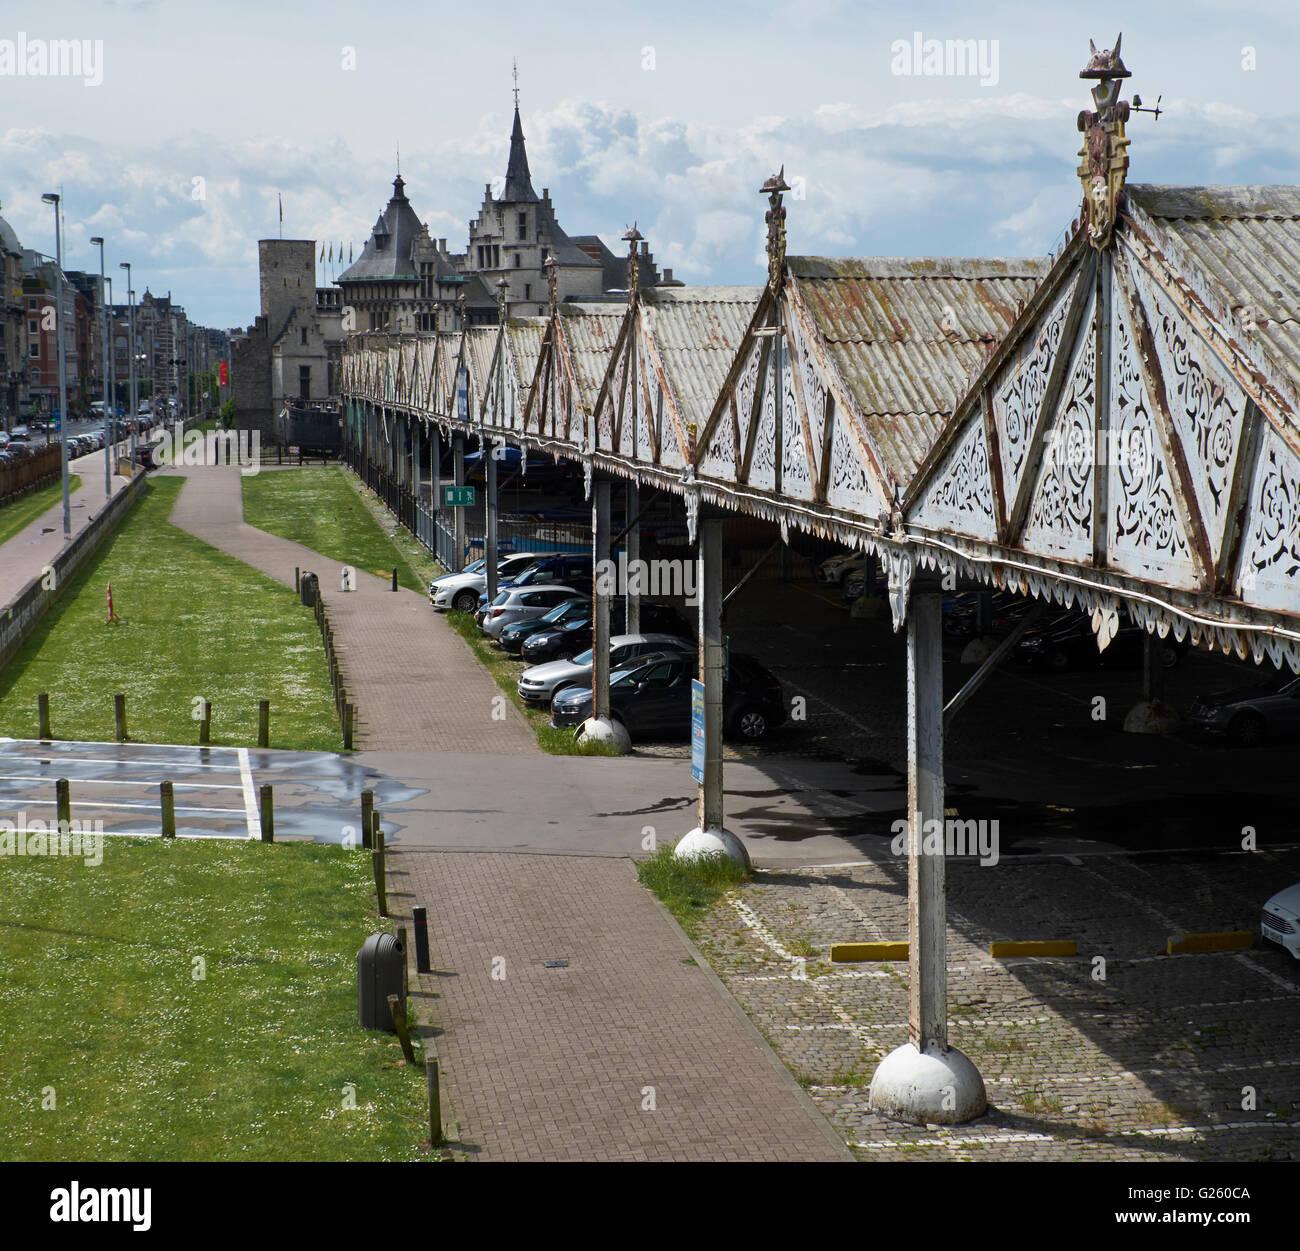 Hangars on the banks of the river Scheldt, Antwerp - Stock Image